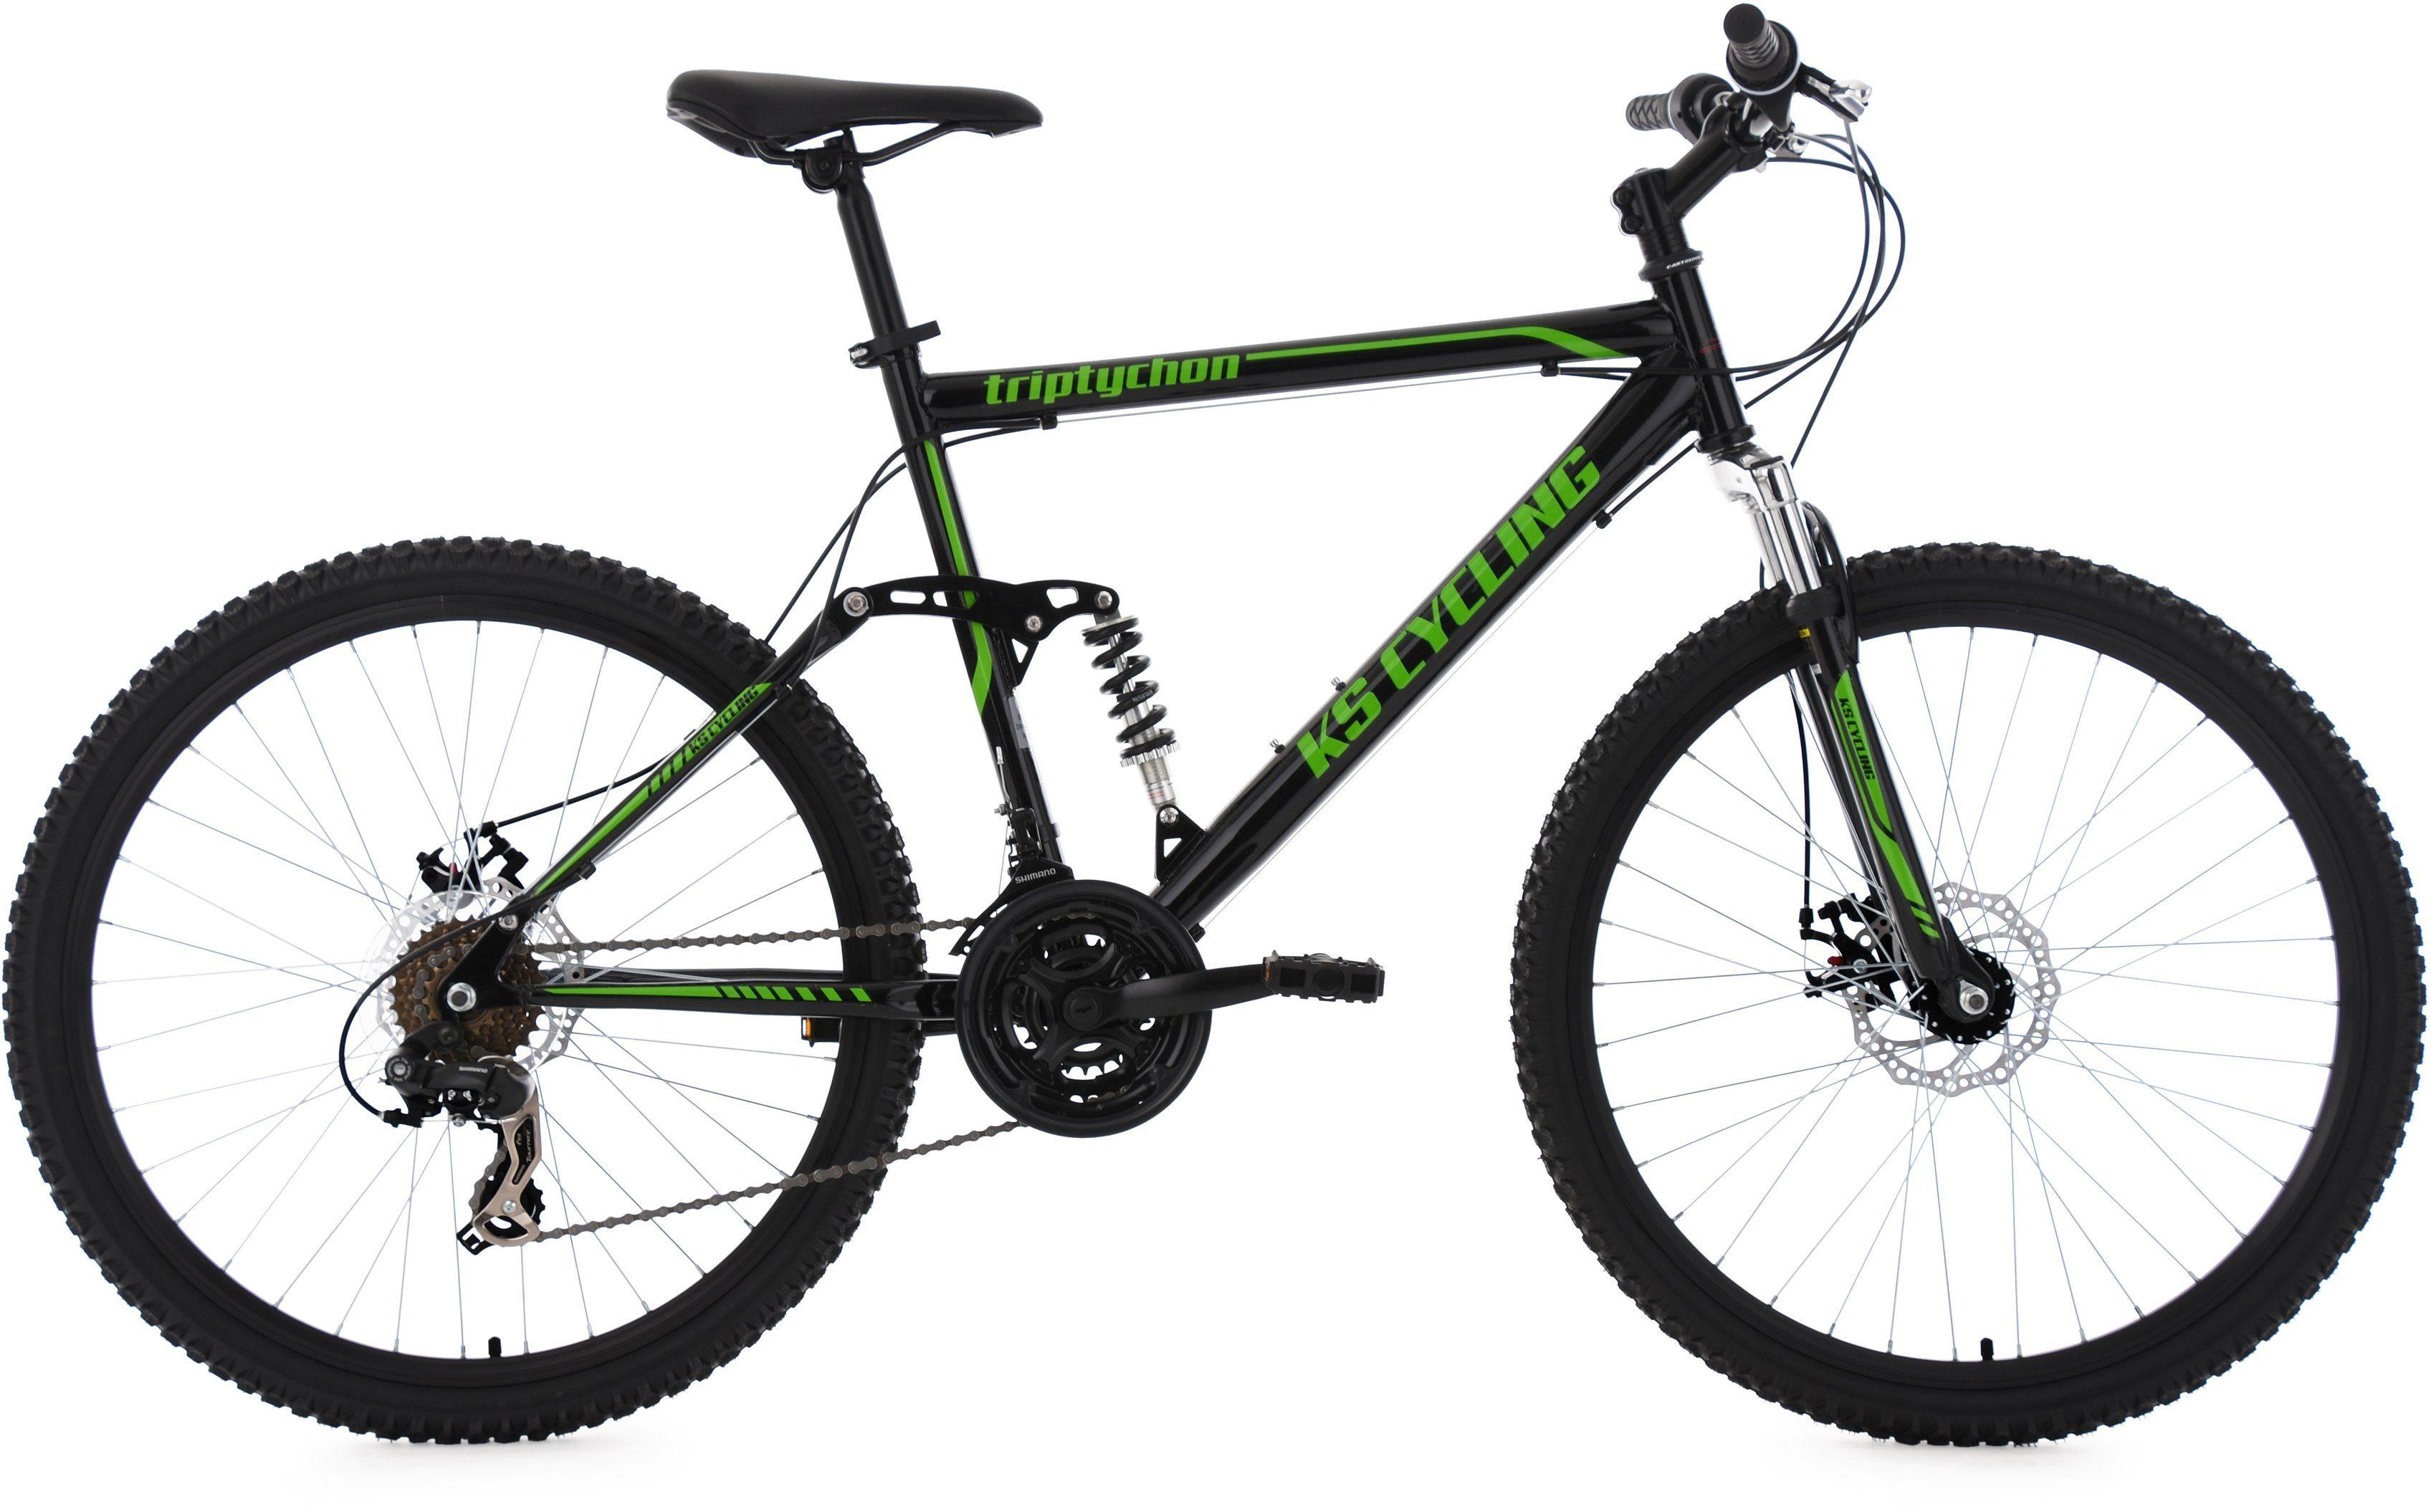 KS Cycling Herren Fully-Mountainbike, 26 Zoll, schwarz-grün, 21 Gang-Kettenschaltung, »Triptychon«